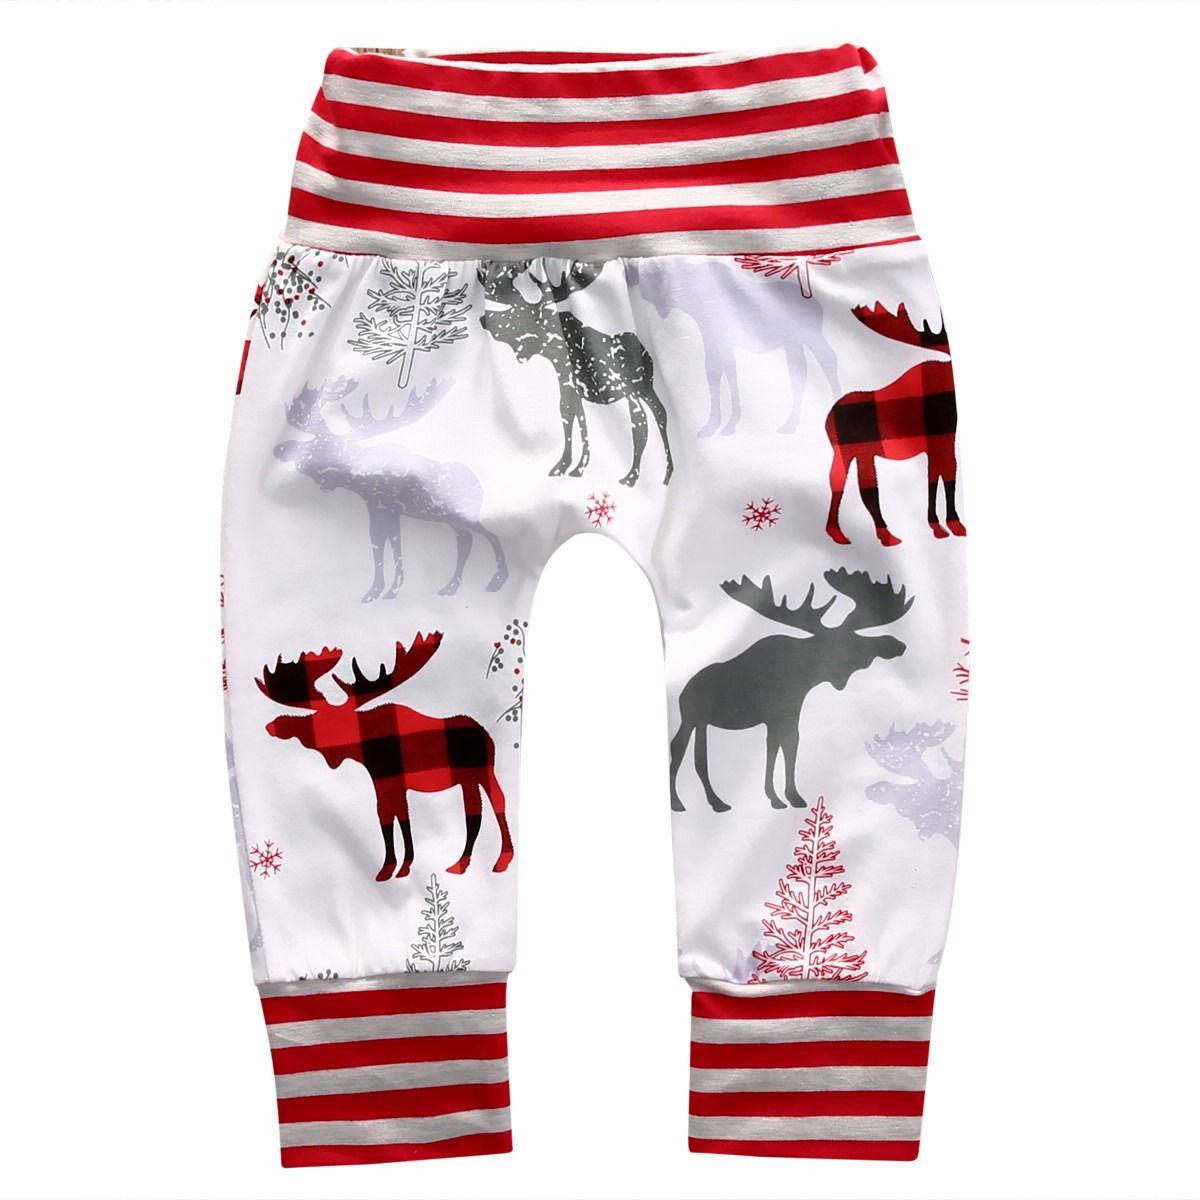 100% Wahr Casual Harem Xmax Kleidung Hosen Hosen Neugeborenen Baby Jungen Mädchen Rehe Unten Hosen